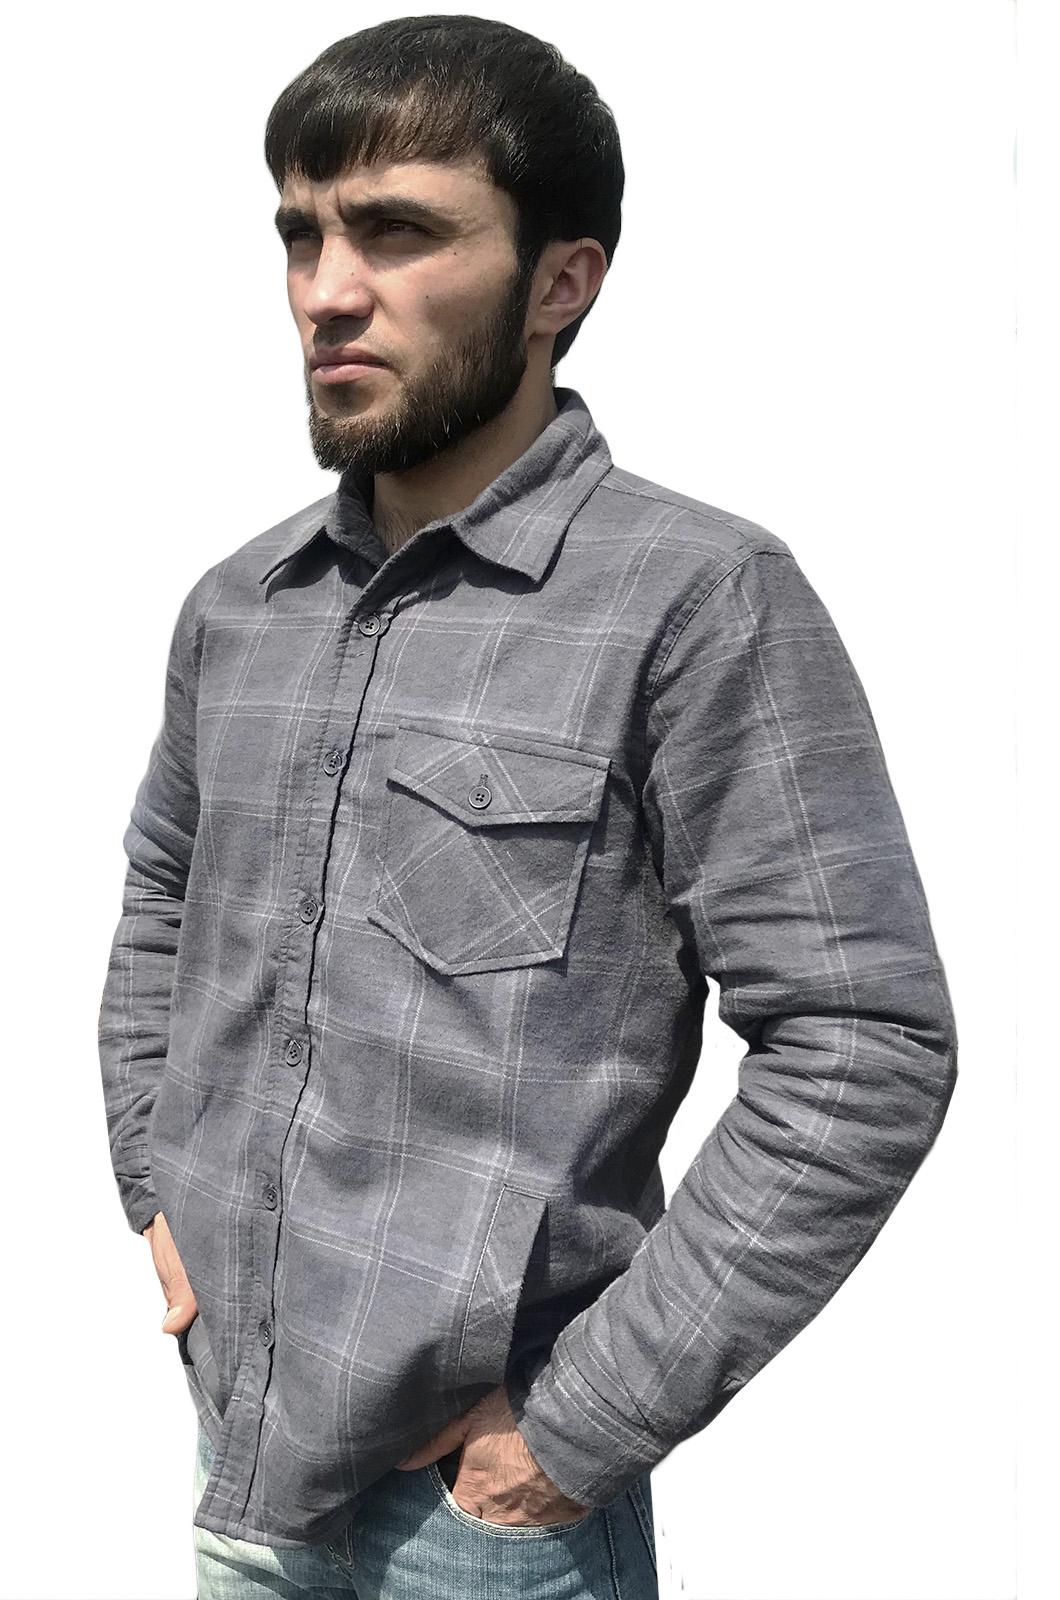 Рубашка с шевроном Пограничника купить в подарок